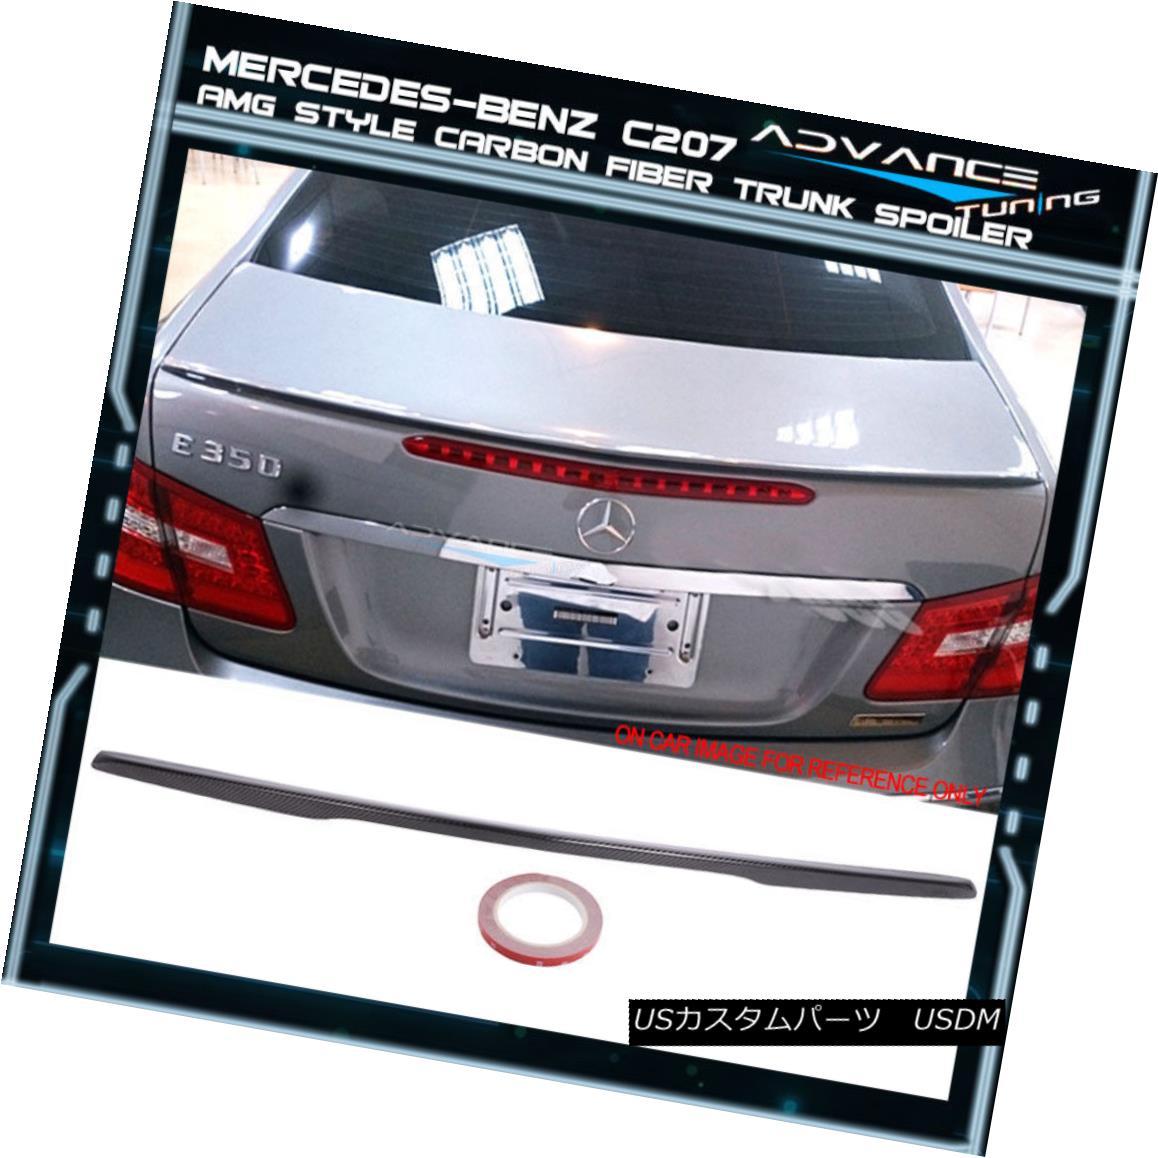 エアロパーツ 10-17 Benz C207 W207 E-class 2Dr Coupe AMG Style Carbon Fiber Trunk Spoiler (CF) 10-17ベンツC207 W207 Eクラス2DrクーペAMGスタイル炭素繊維トランク・スポイラー(CF)